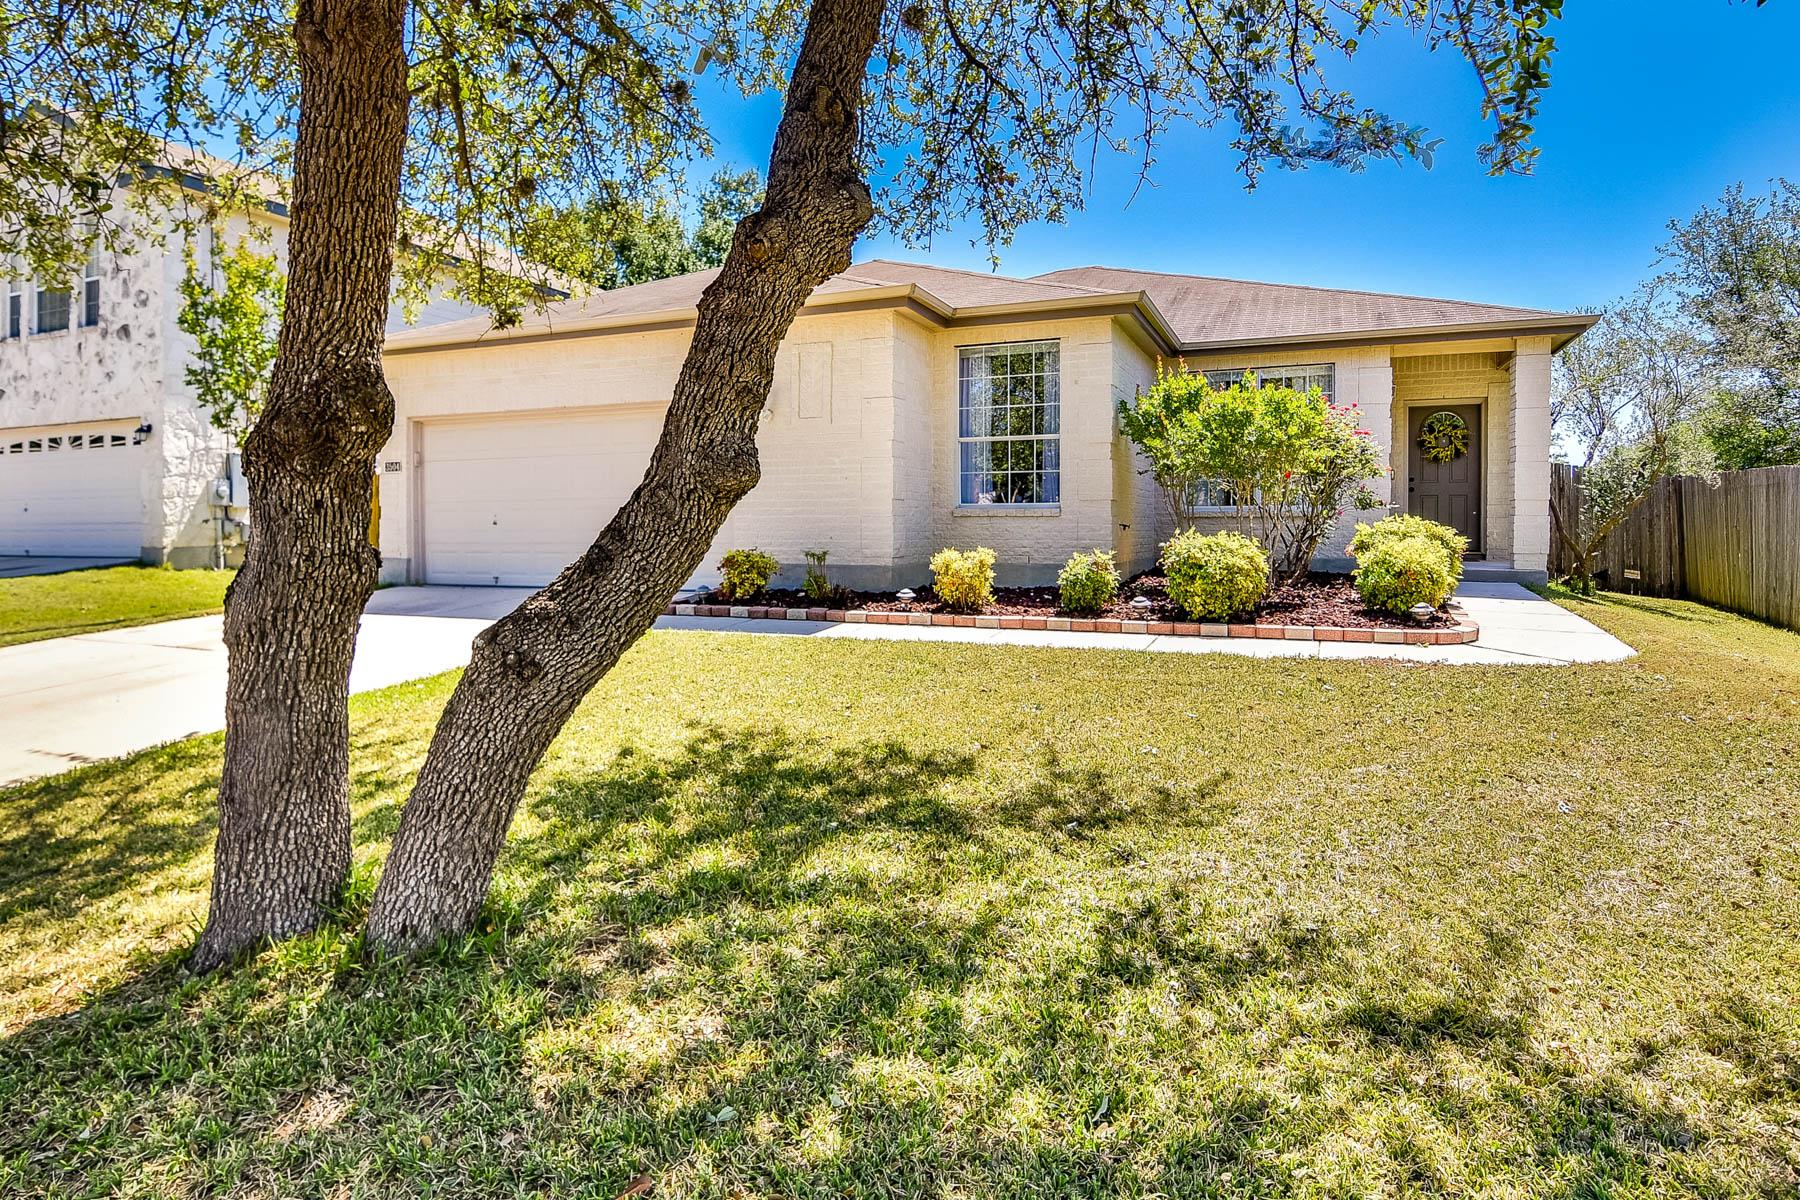 Casa Unifamiliar por un Venta en Adorable Home in The Ridge at Carolina Crossing 3504 Dartmouth Cv Schertz, Texas 78154 Estados Unidos